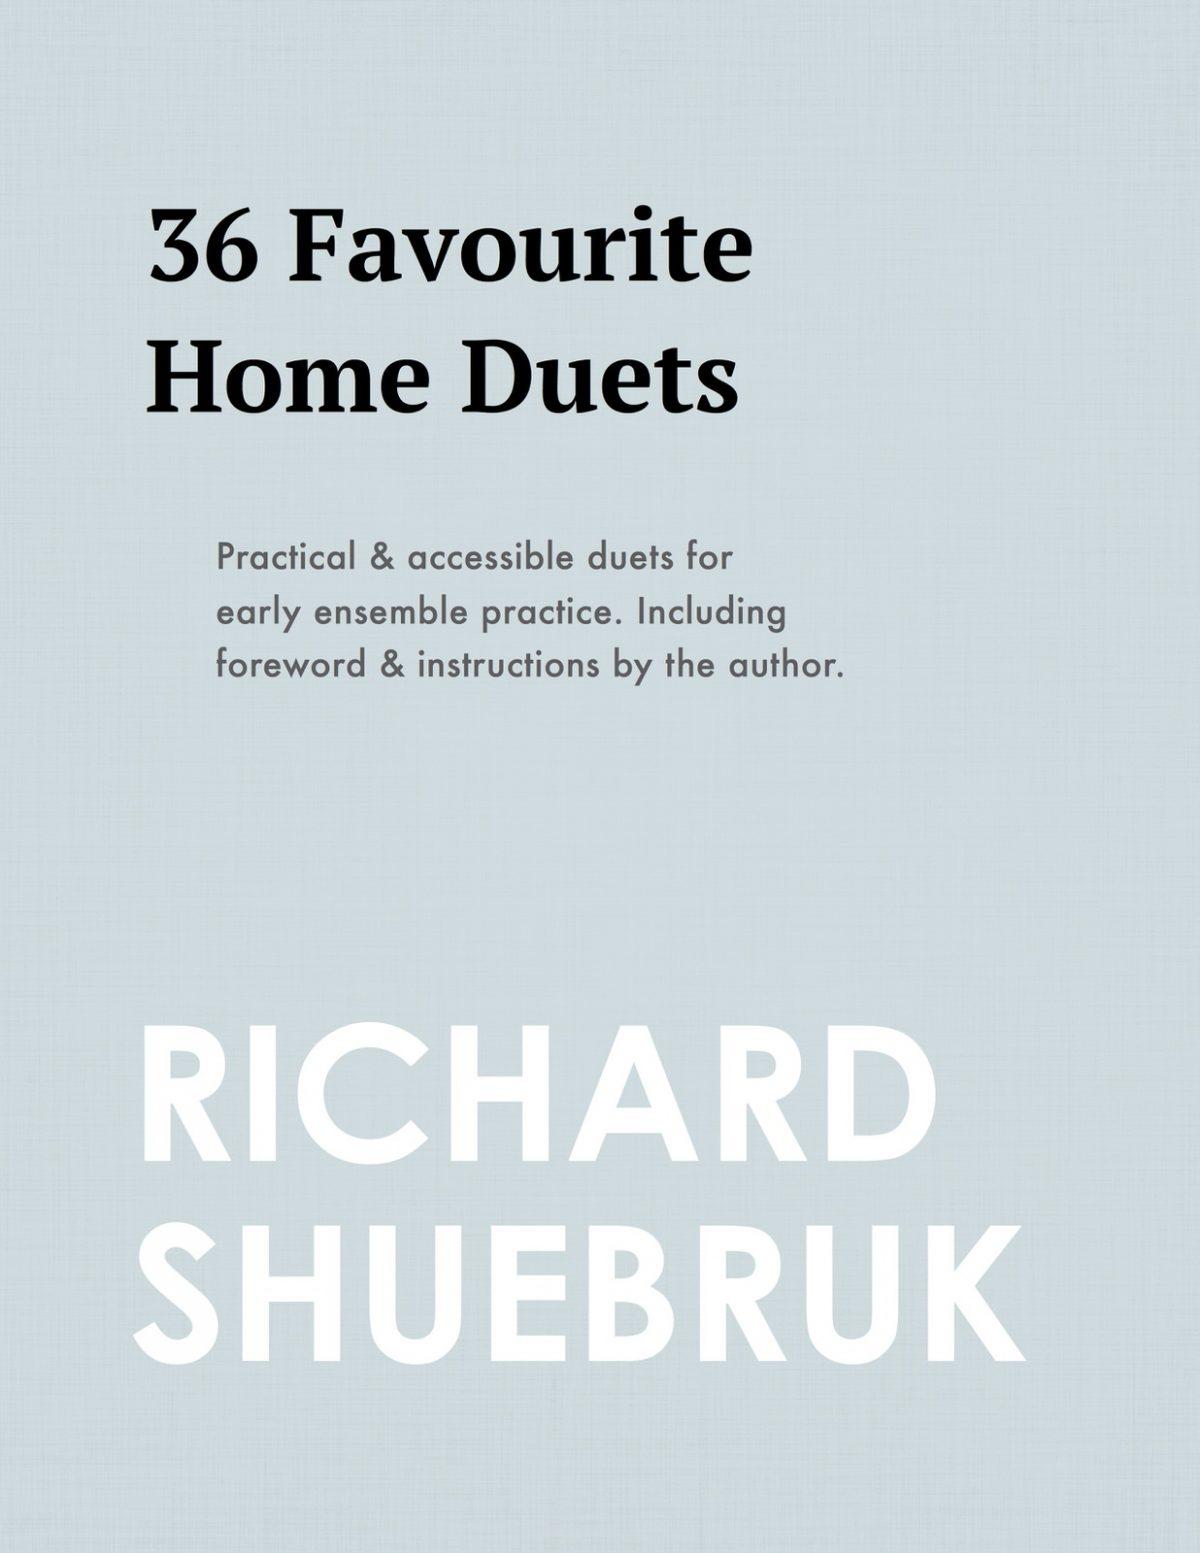 Shuebruk, 36 Favorite Home Duets-p01